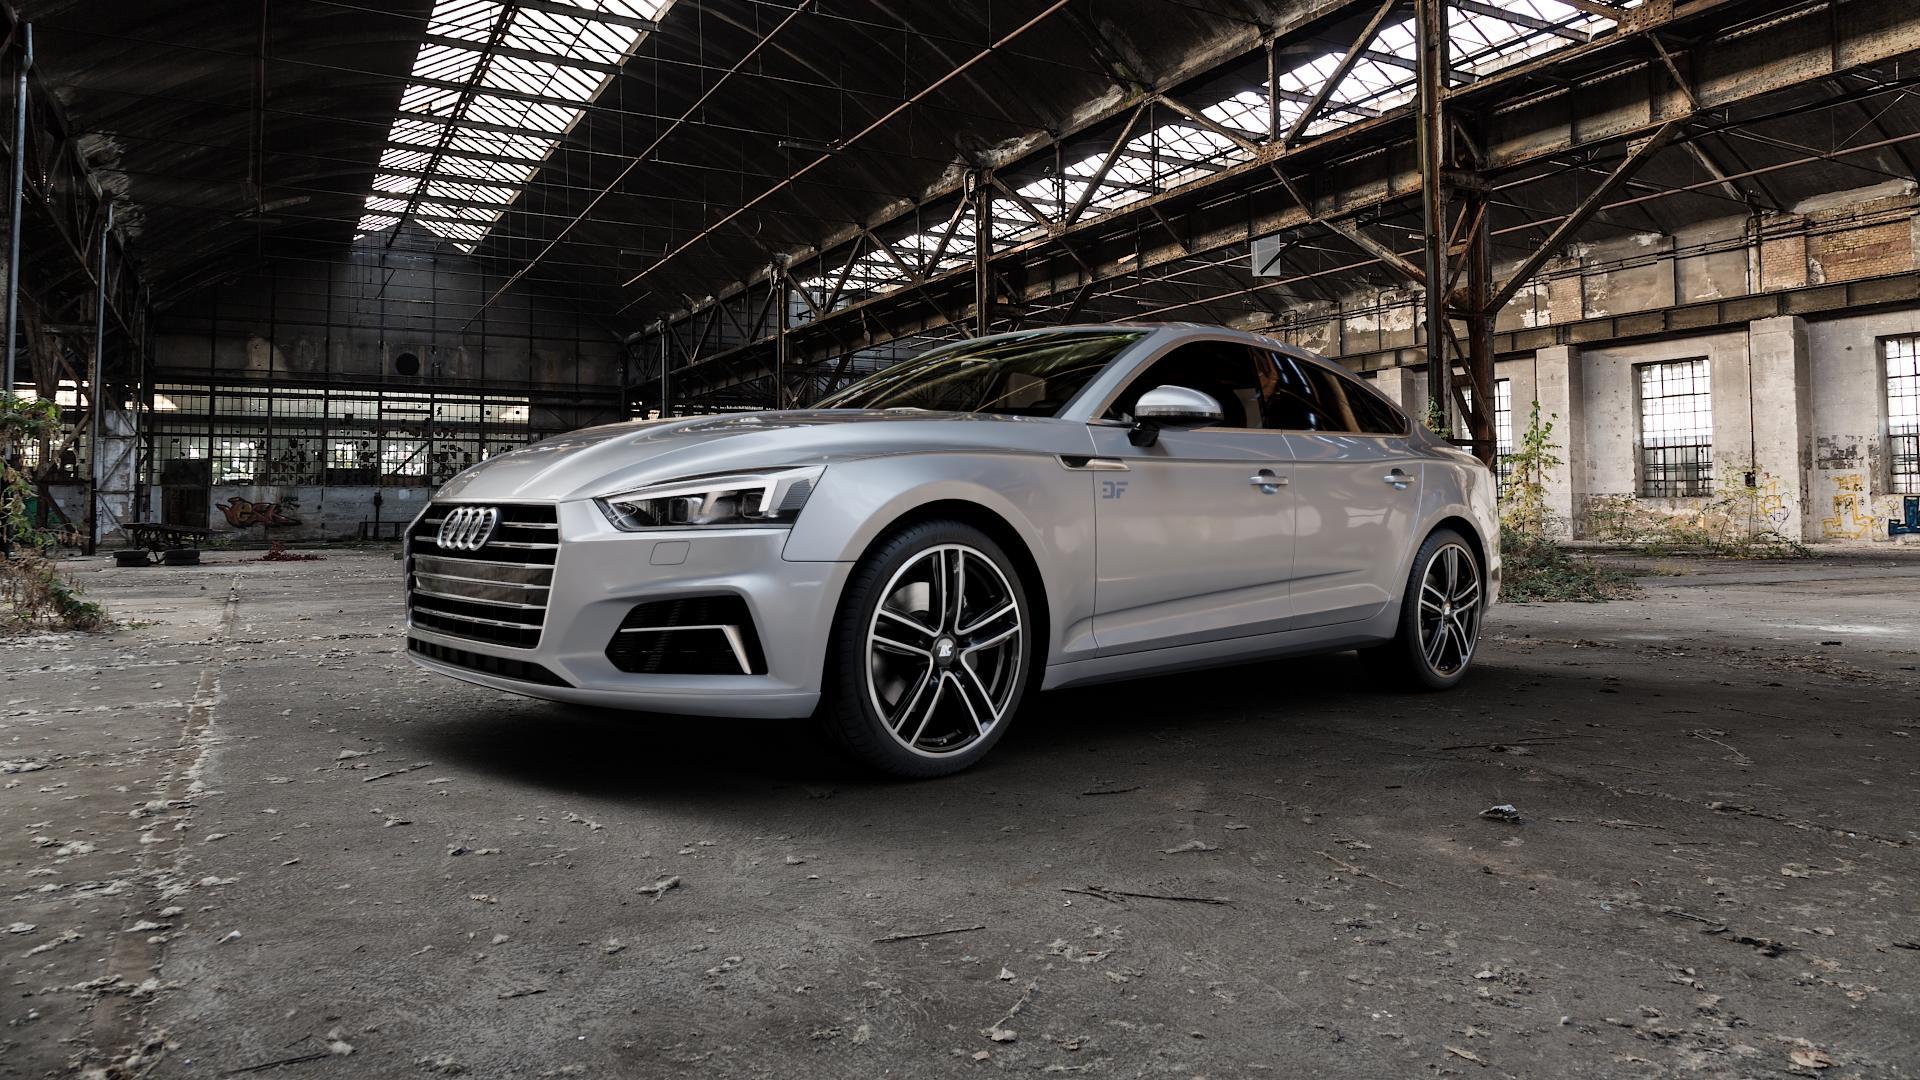 RC Design RC27 schwarz front-poliert Felge mit Reifen silber mehrfarbig in 19Zoll Winterfelge Alufelge auf silbernem Audi A5 Typ B9 (Sportback) 2,0l TDI 140kW (190 PS) quattro TFSI 185kW (252 3,0l 160kW (218 200kW (272 1,4l 110kW (150 183kW (249 g-tron 125kW (170 Mild-Hybrid 100kW (136 210kW (286 45 180kW (245 35 40 50 170kW (231 120kW (163 30 ⬇️ mit 15mm